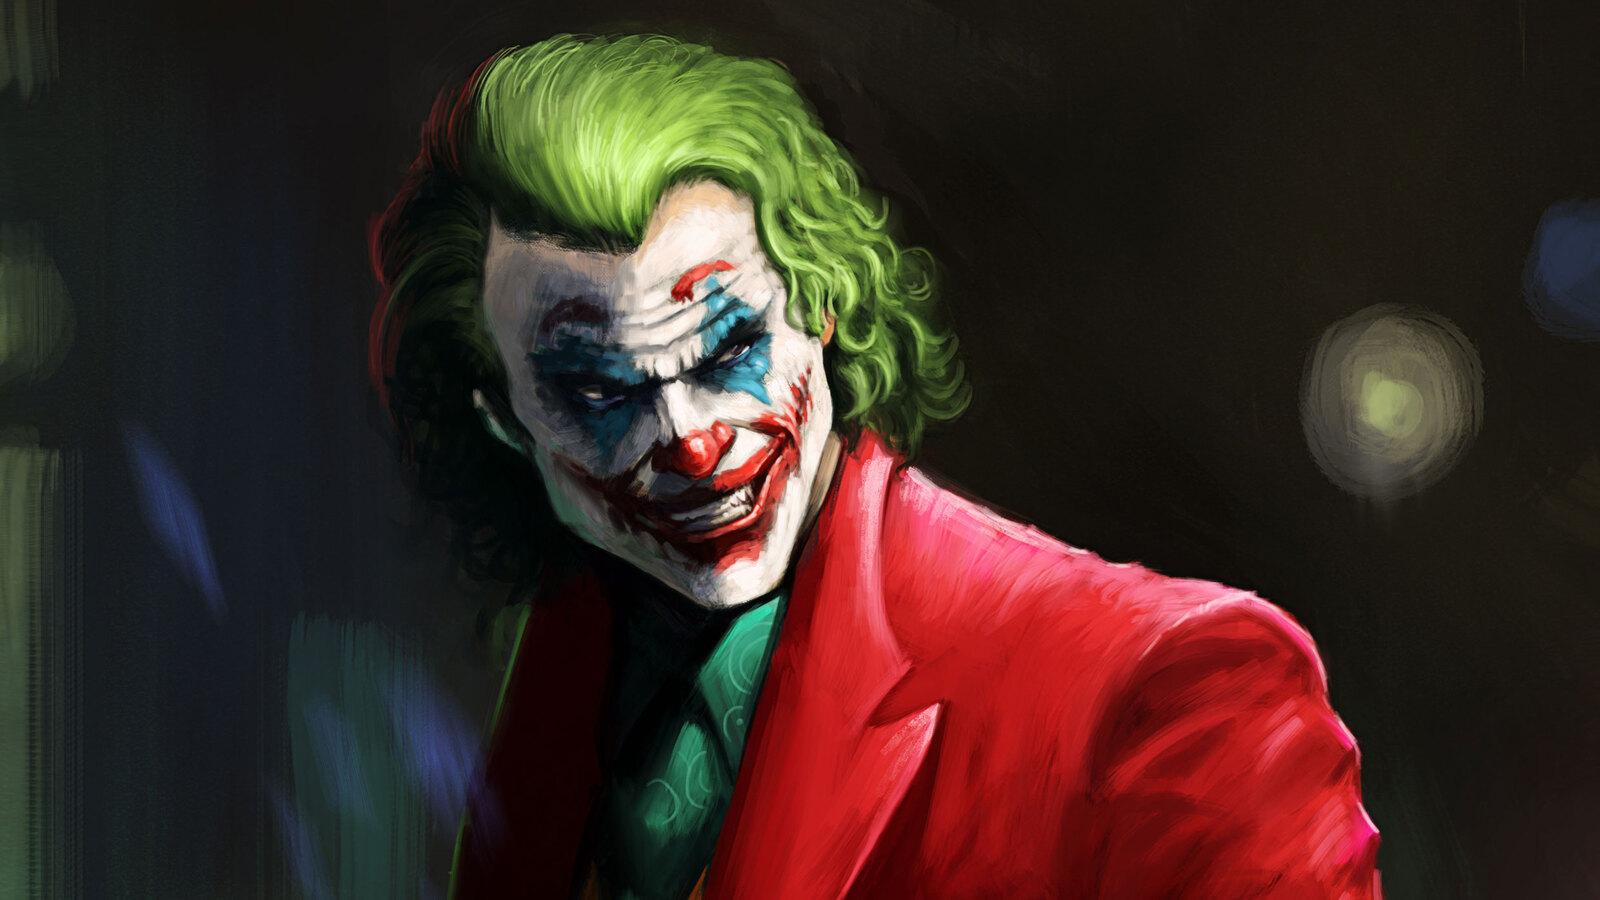 joker-smile-supervillian-1t.jpg